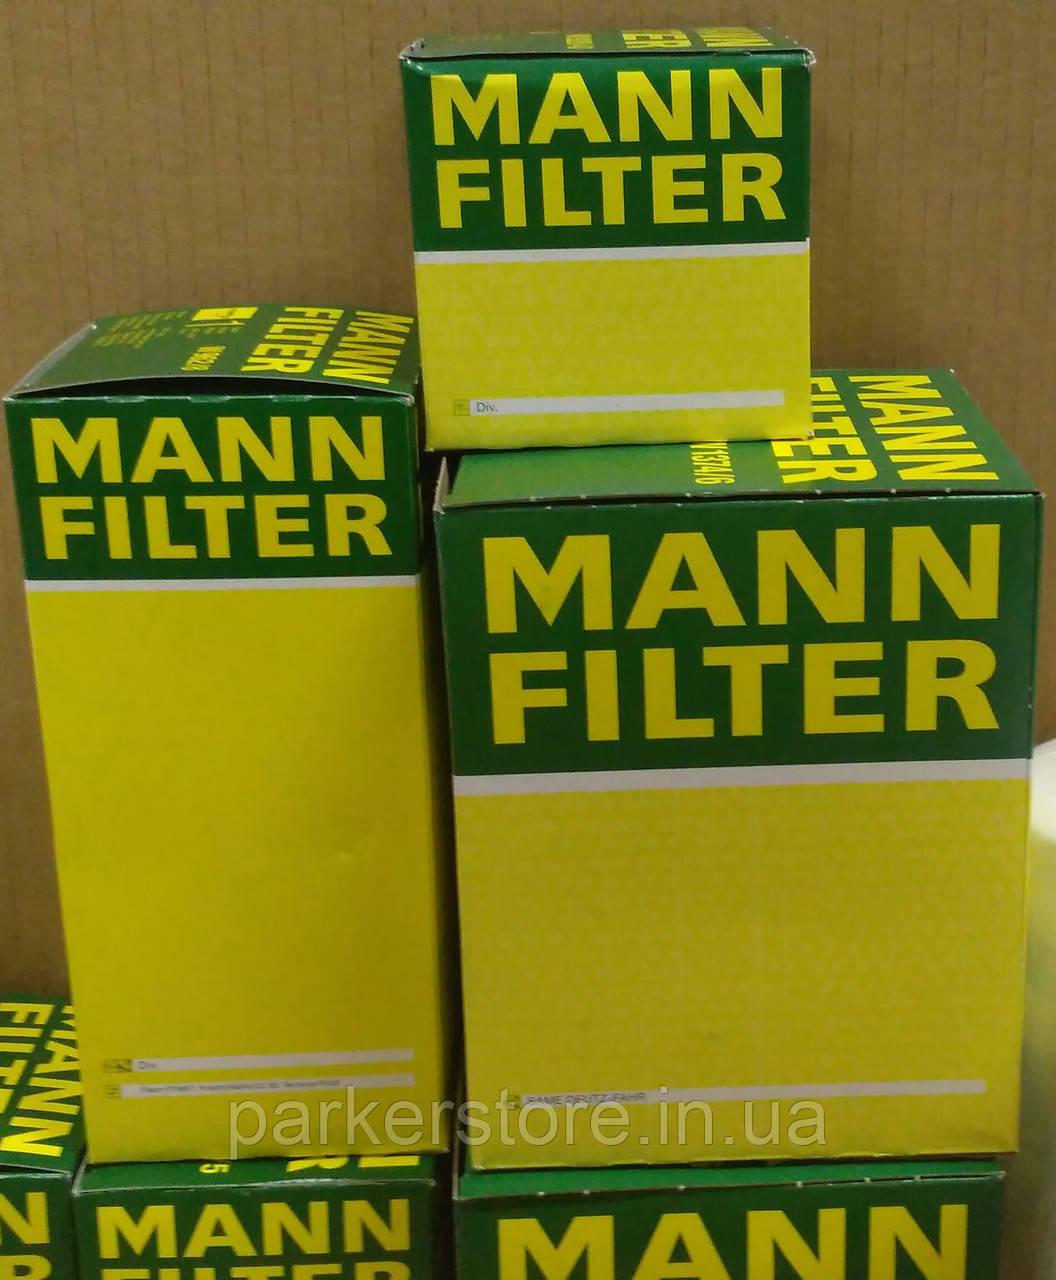 MANN FILTER / Повітряний фільтр / C 24 023 / C24023